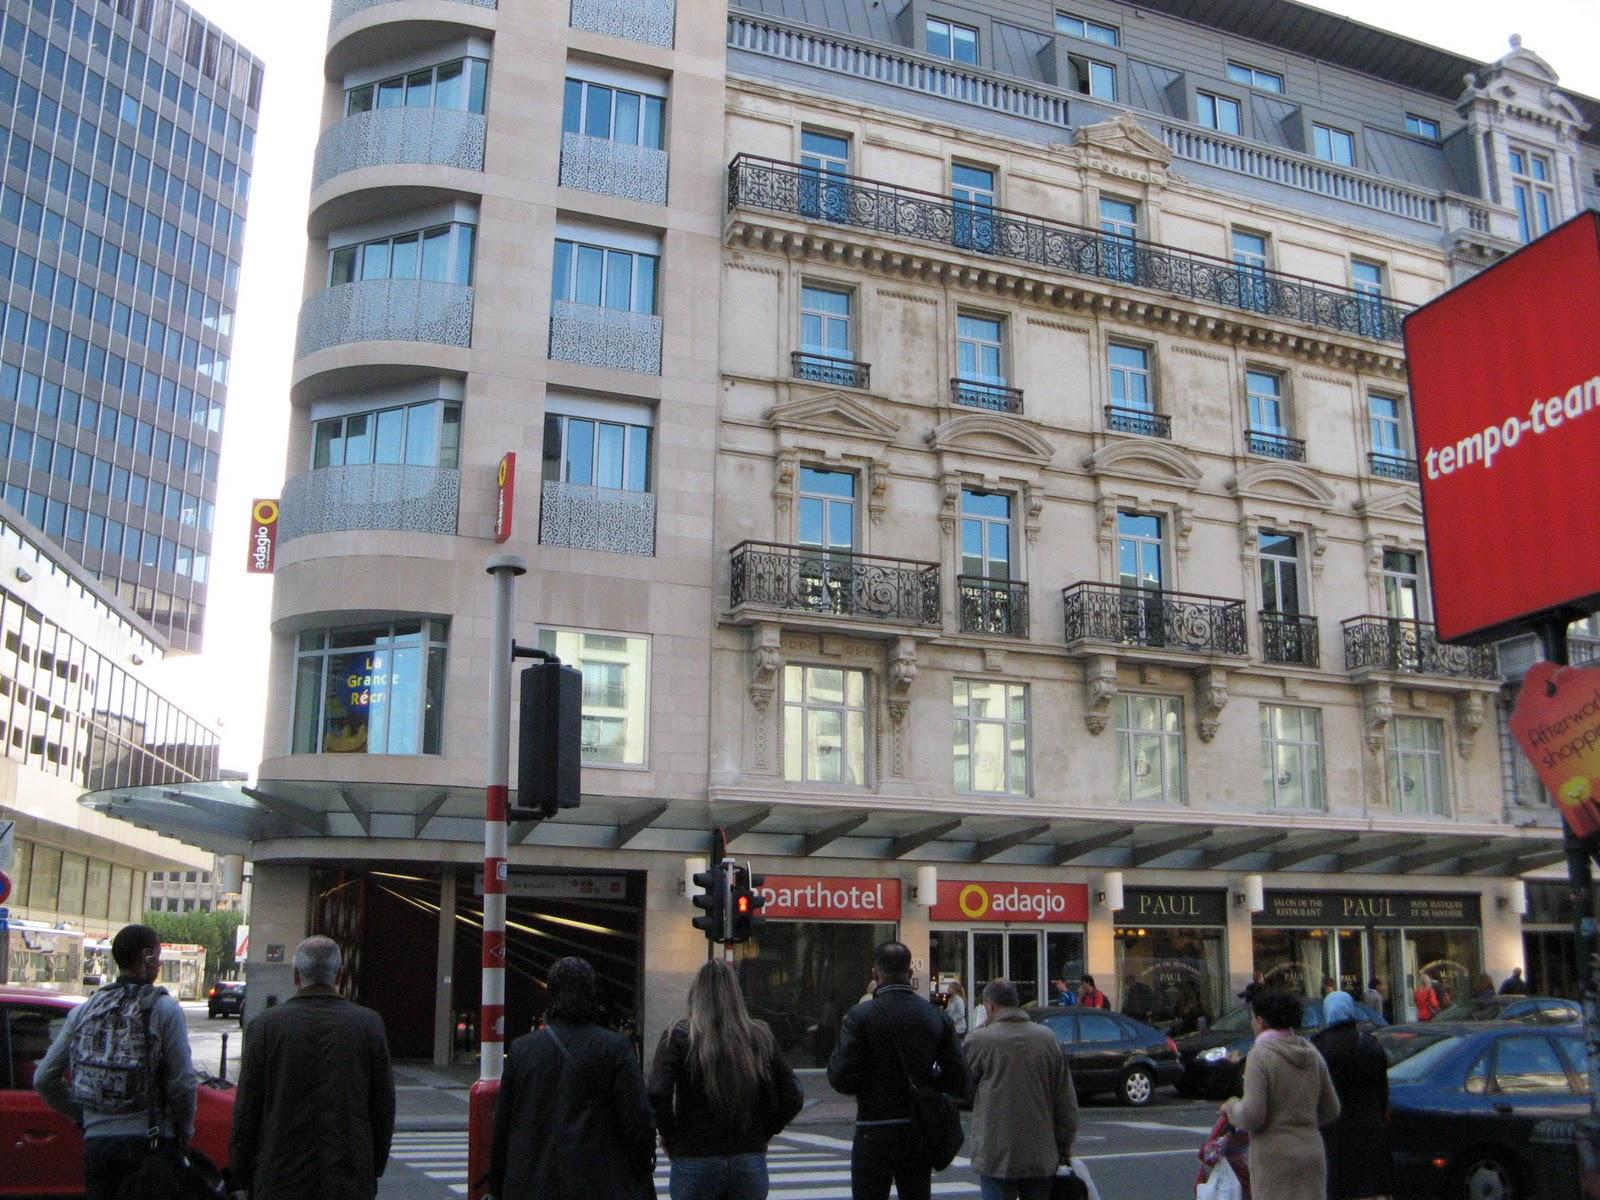 Viajar es descubrir d a 1 hacia la capital de europa for Hotel adagio londres